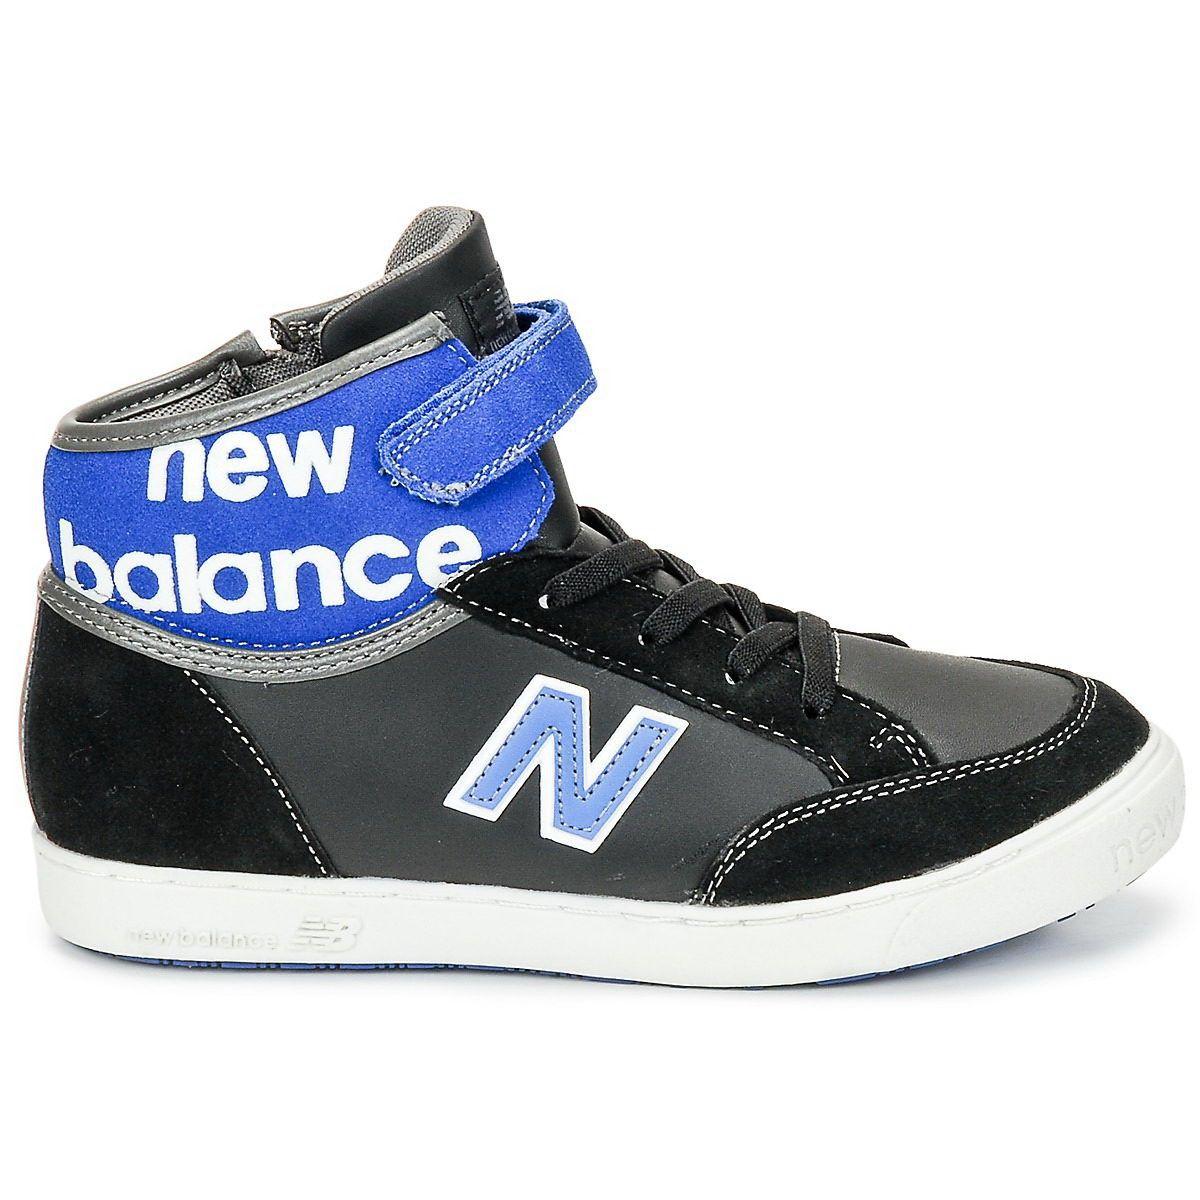 new balance kind sale